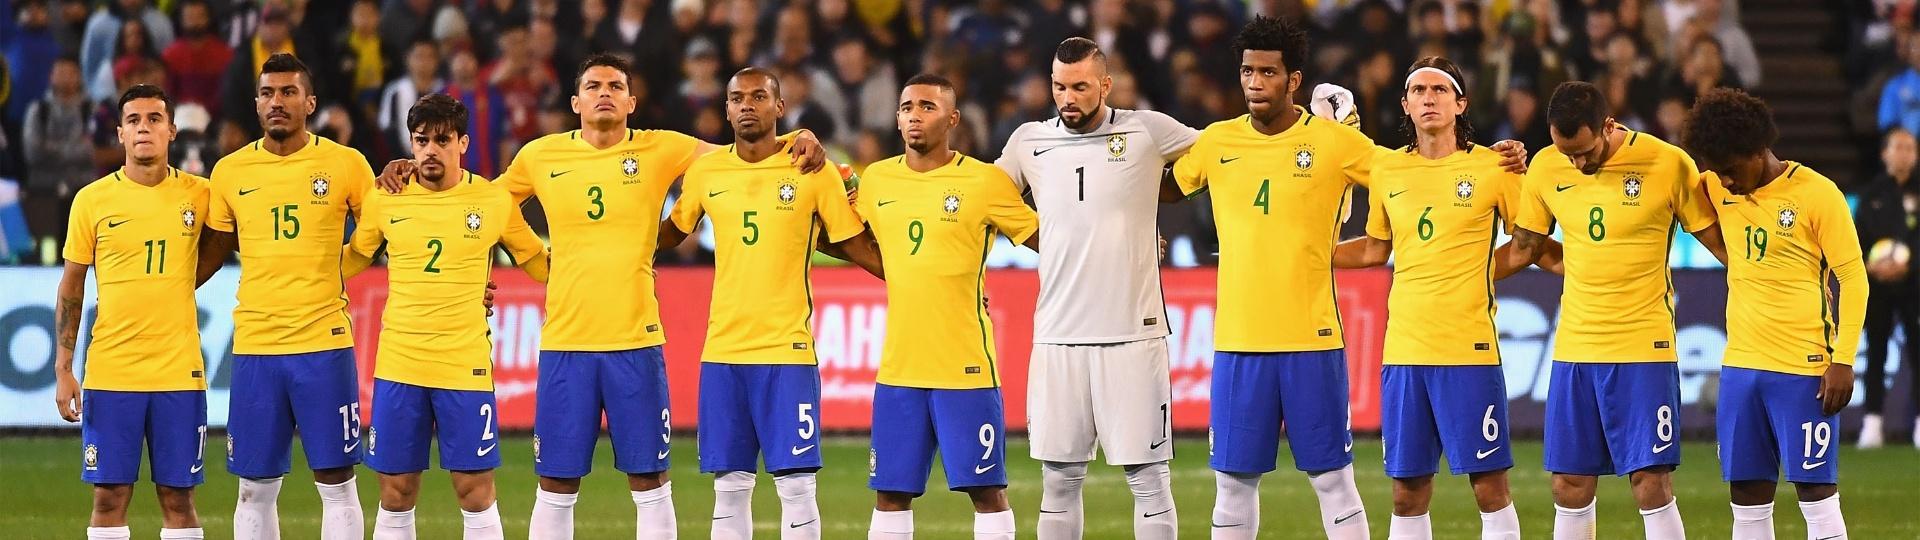 Seleção brasileira antes de amistoso contra a Argentina